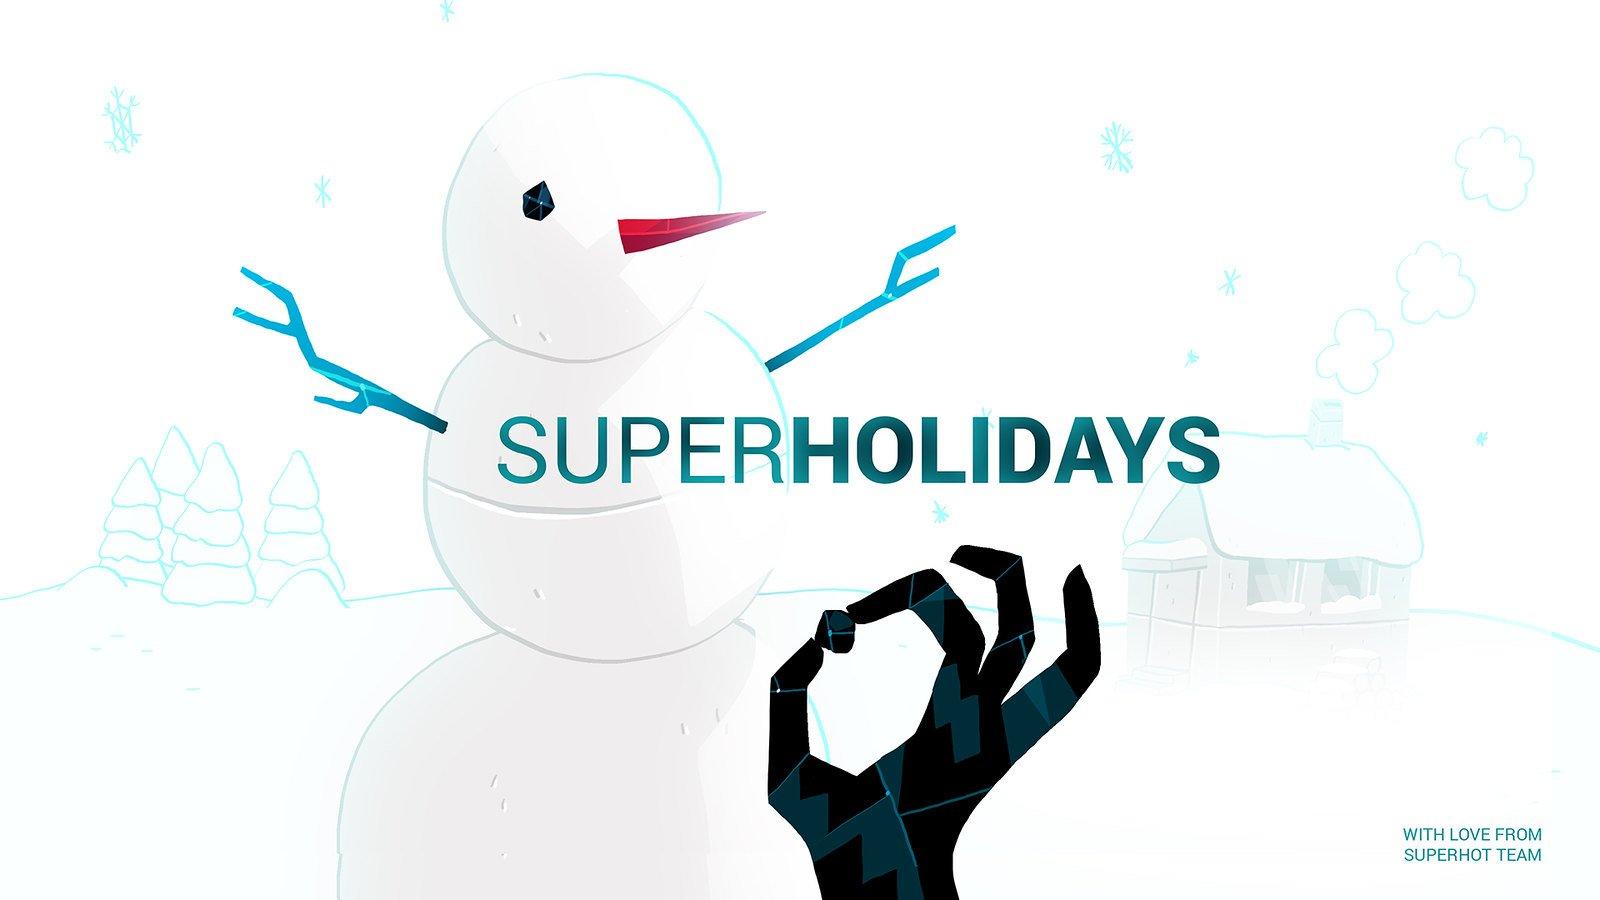 Superhot Team Happy Holidays